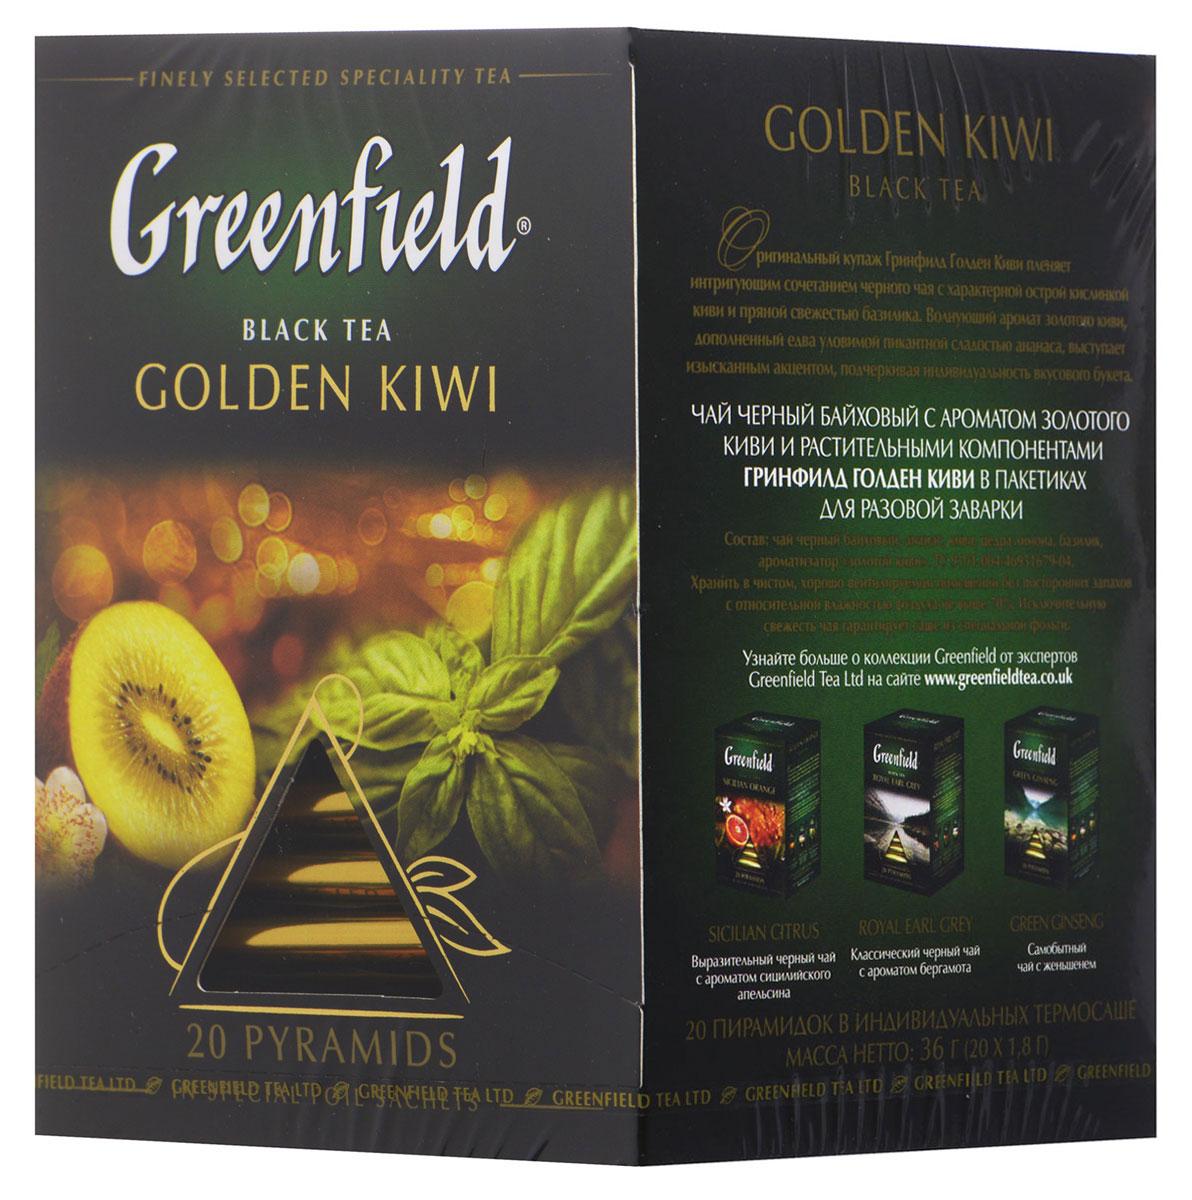 Greenfield Golden Kiwi черный чай в пирамидках, 20 шт1157-08Оригинальный купаж Greenfield Golden Kiwi пленяет интригующим сочетанием черного чая с характерной острой кислинкой киви и пряной свежестью базилика. Волнующий аромат золотого киви, дополненный едва уловимой пикантной сладостью ананаса, выступает изысканным акцентом, подчеркивая индивидуальность вкусового букета.